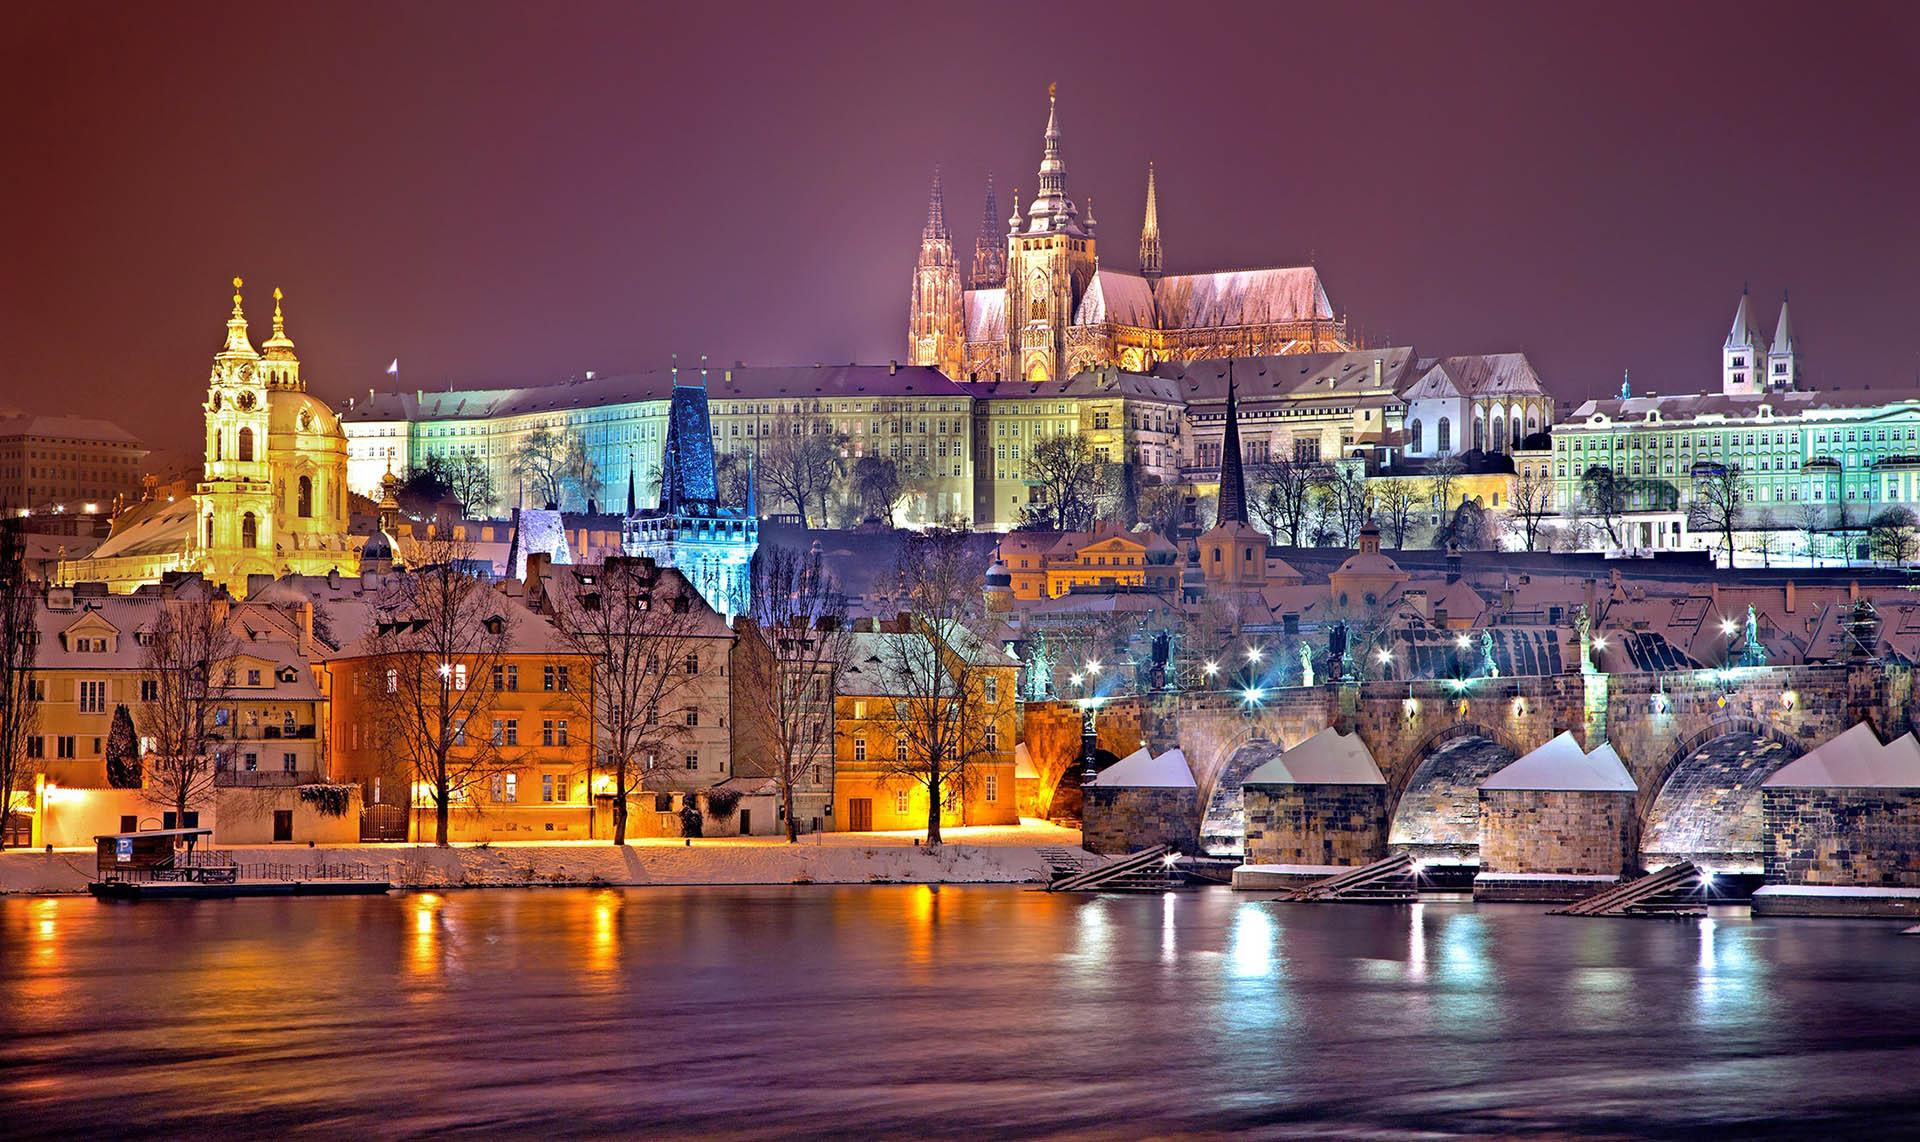 Туры в Чехию на Новый год 2019. Цены, раннее бронирование новые фото